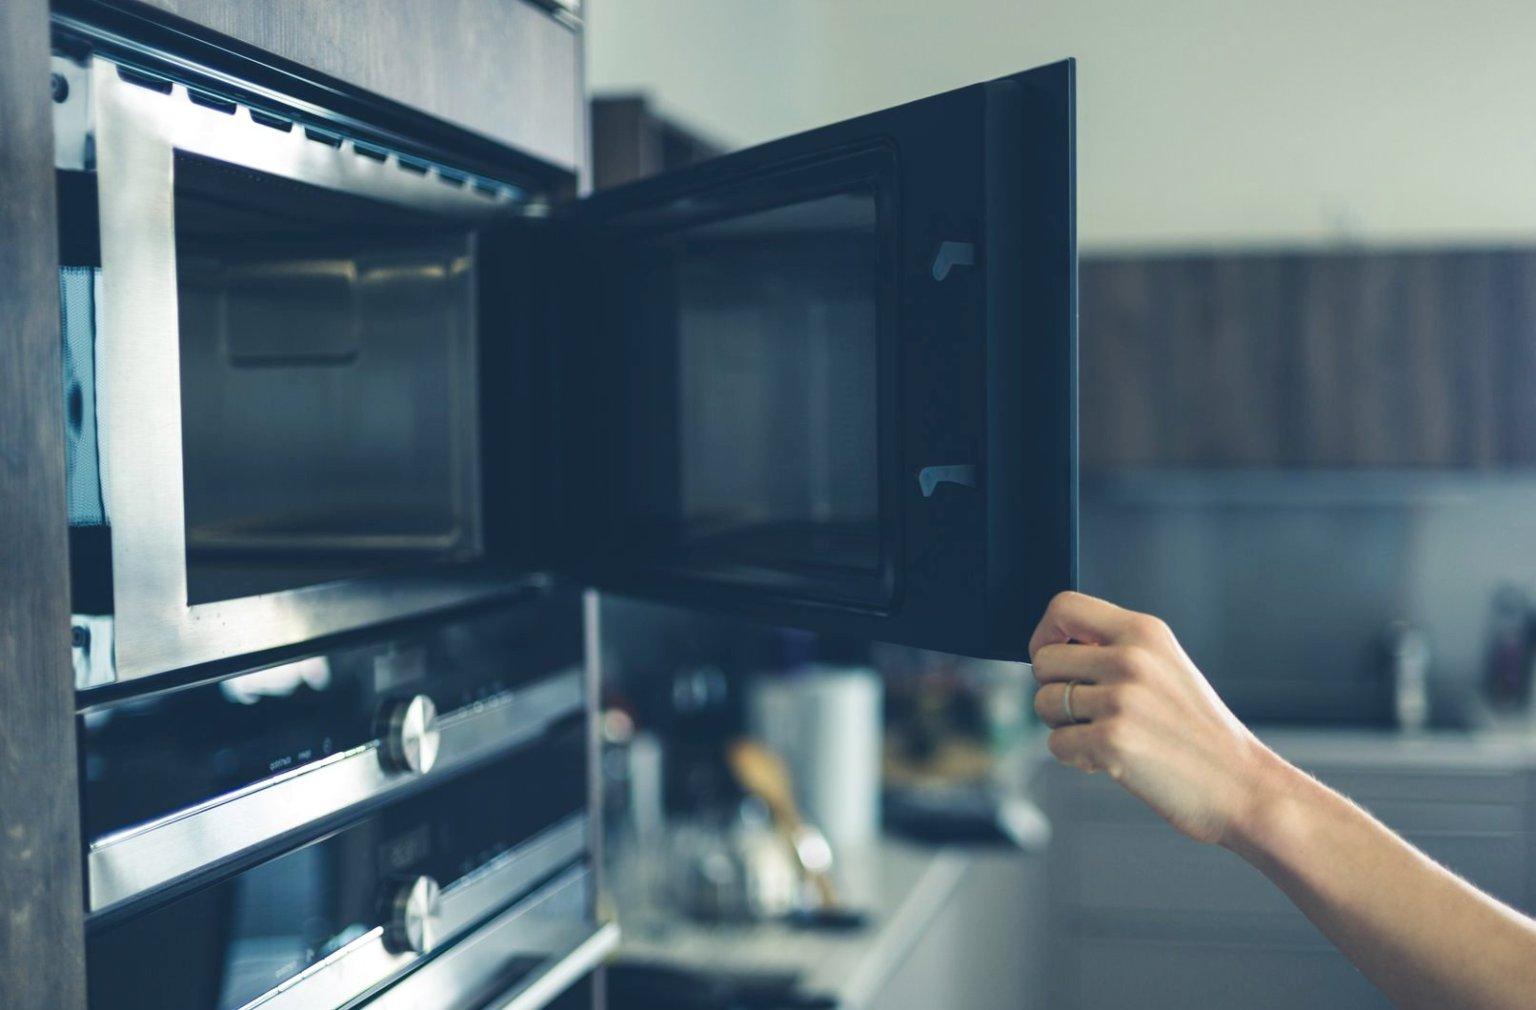 5 Motive pentru utilizarea mai puțin frecventă a microundelor